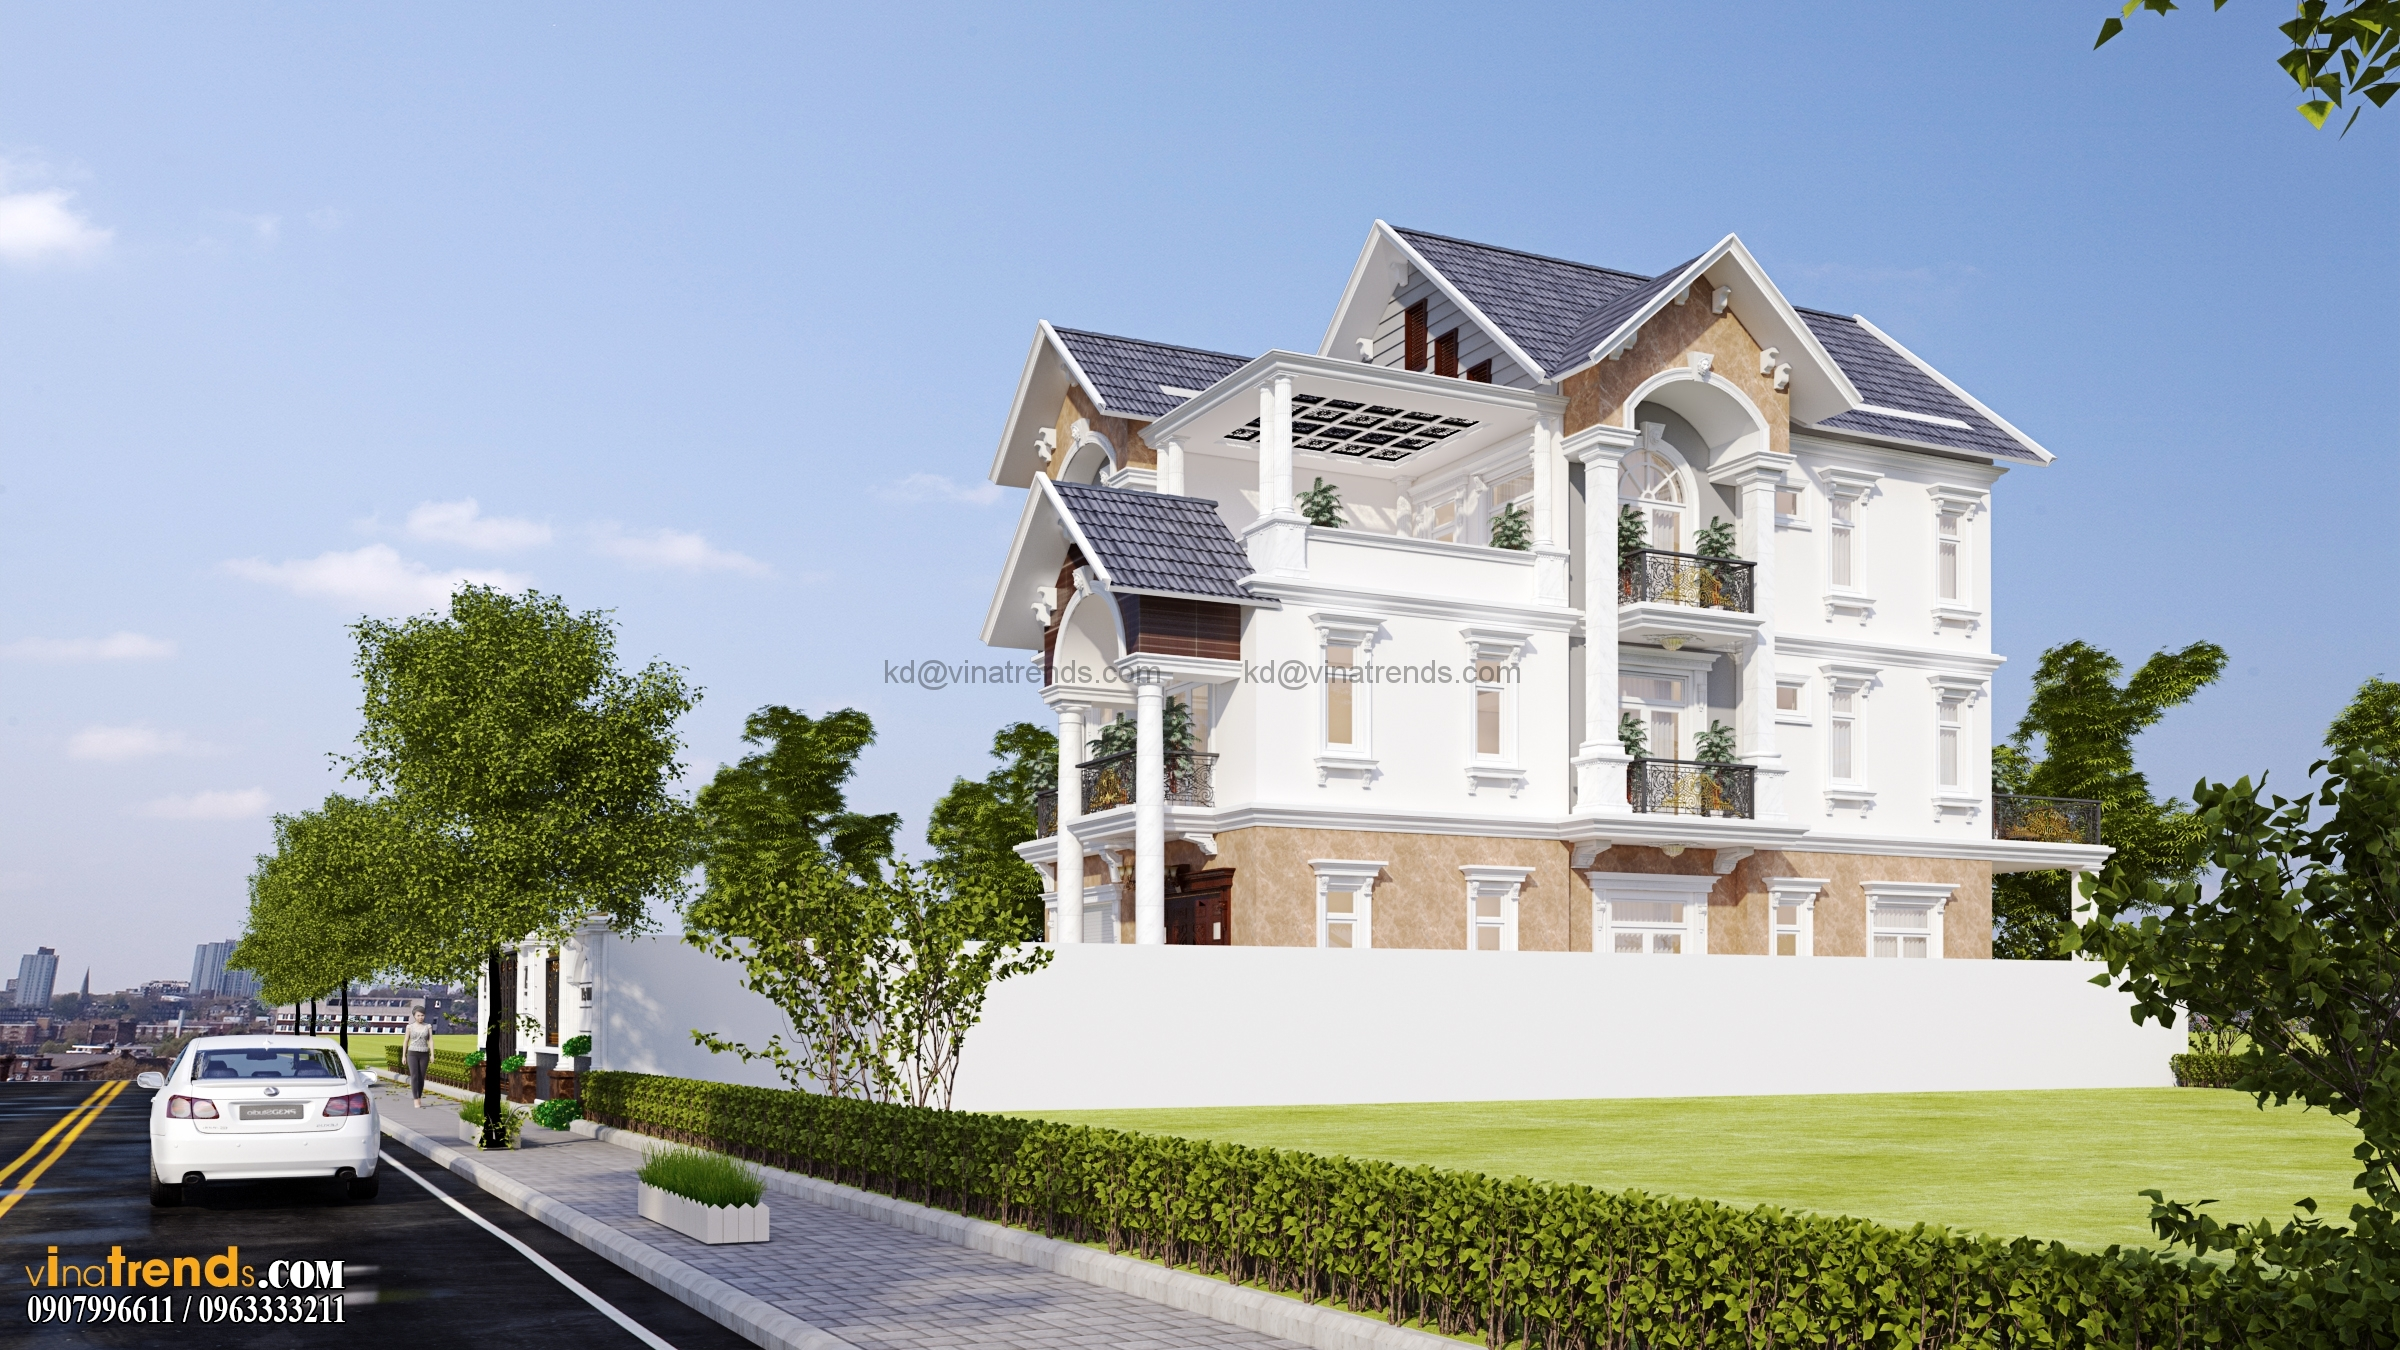 biet thu co dien dep nhat 3 tang 554m2 Thiết kế biệt thự vườn 360m2 3 tầng tân cổ điển mới lạ BTV270814A